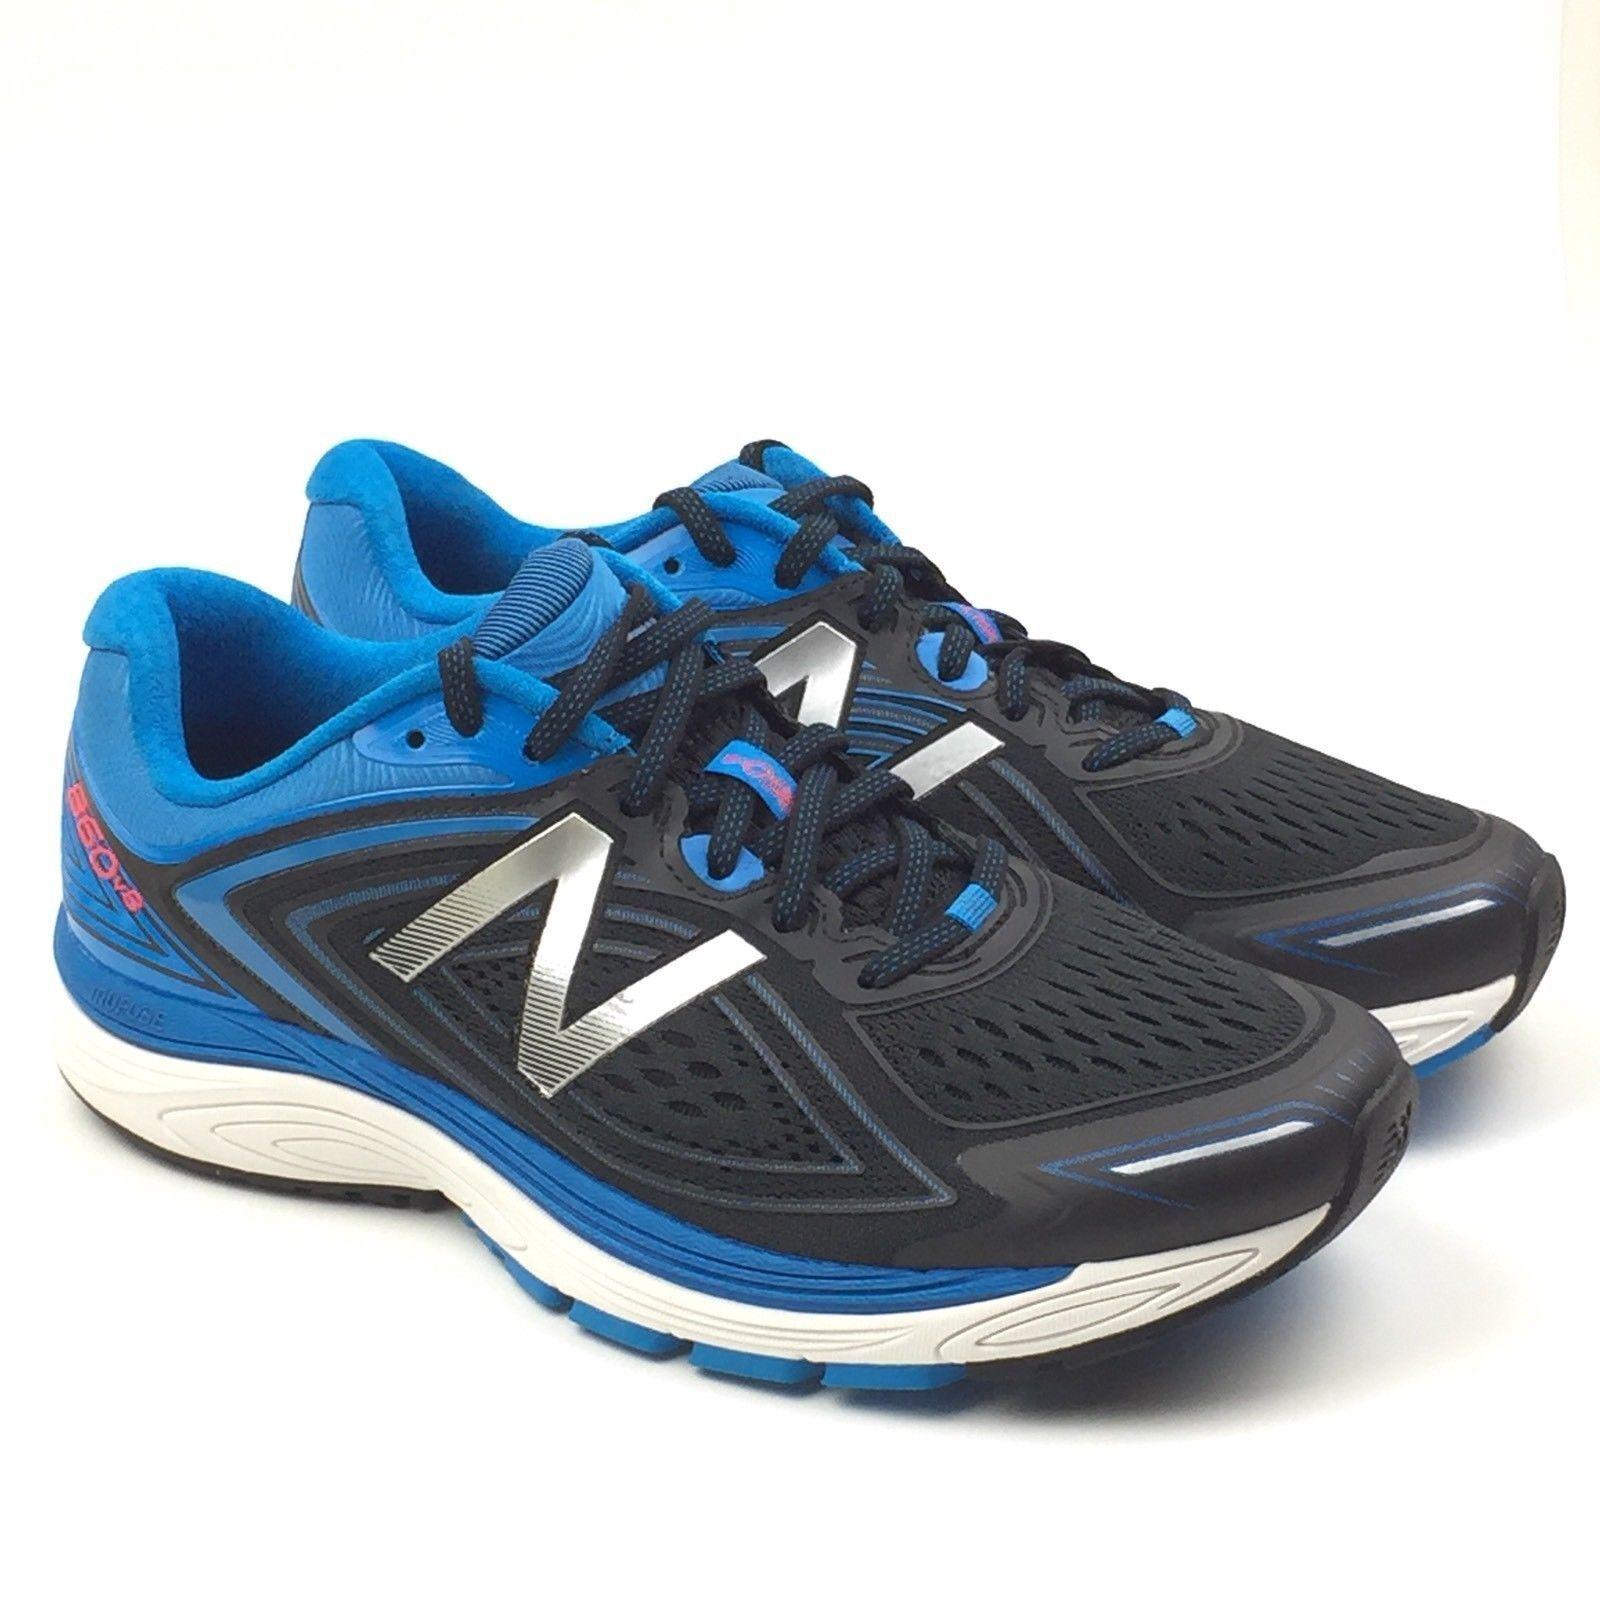 herren NEW BALANCE 860v8  Running schuhe Größe 11  schwarz Blau